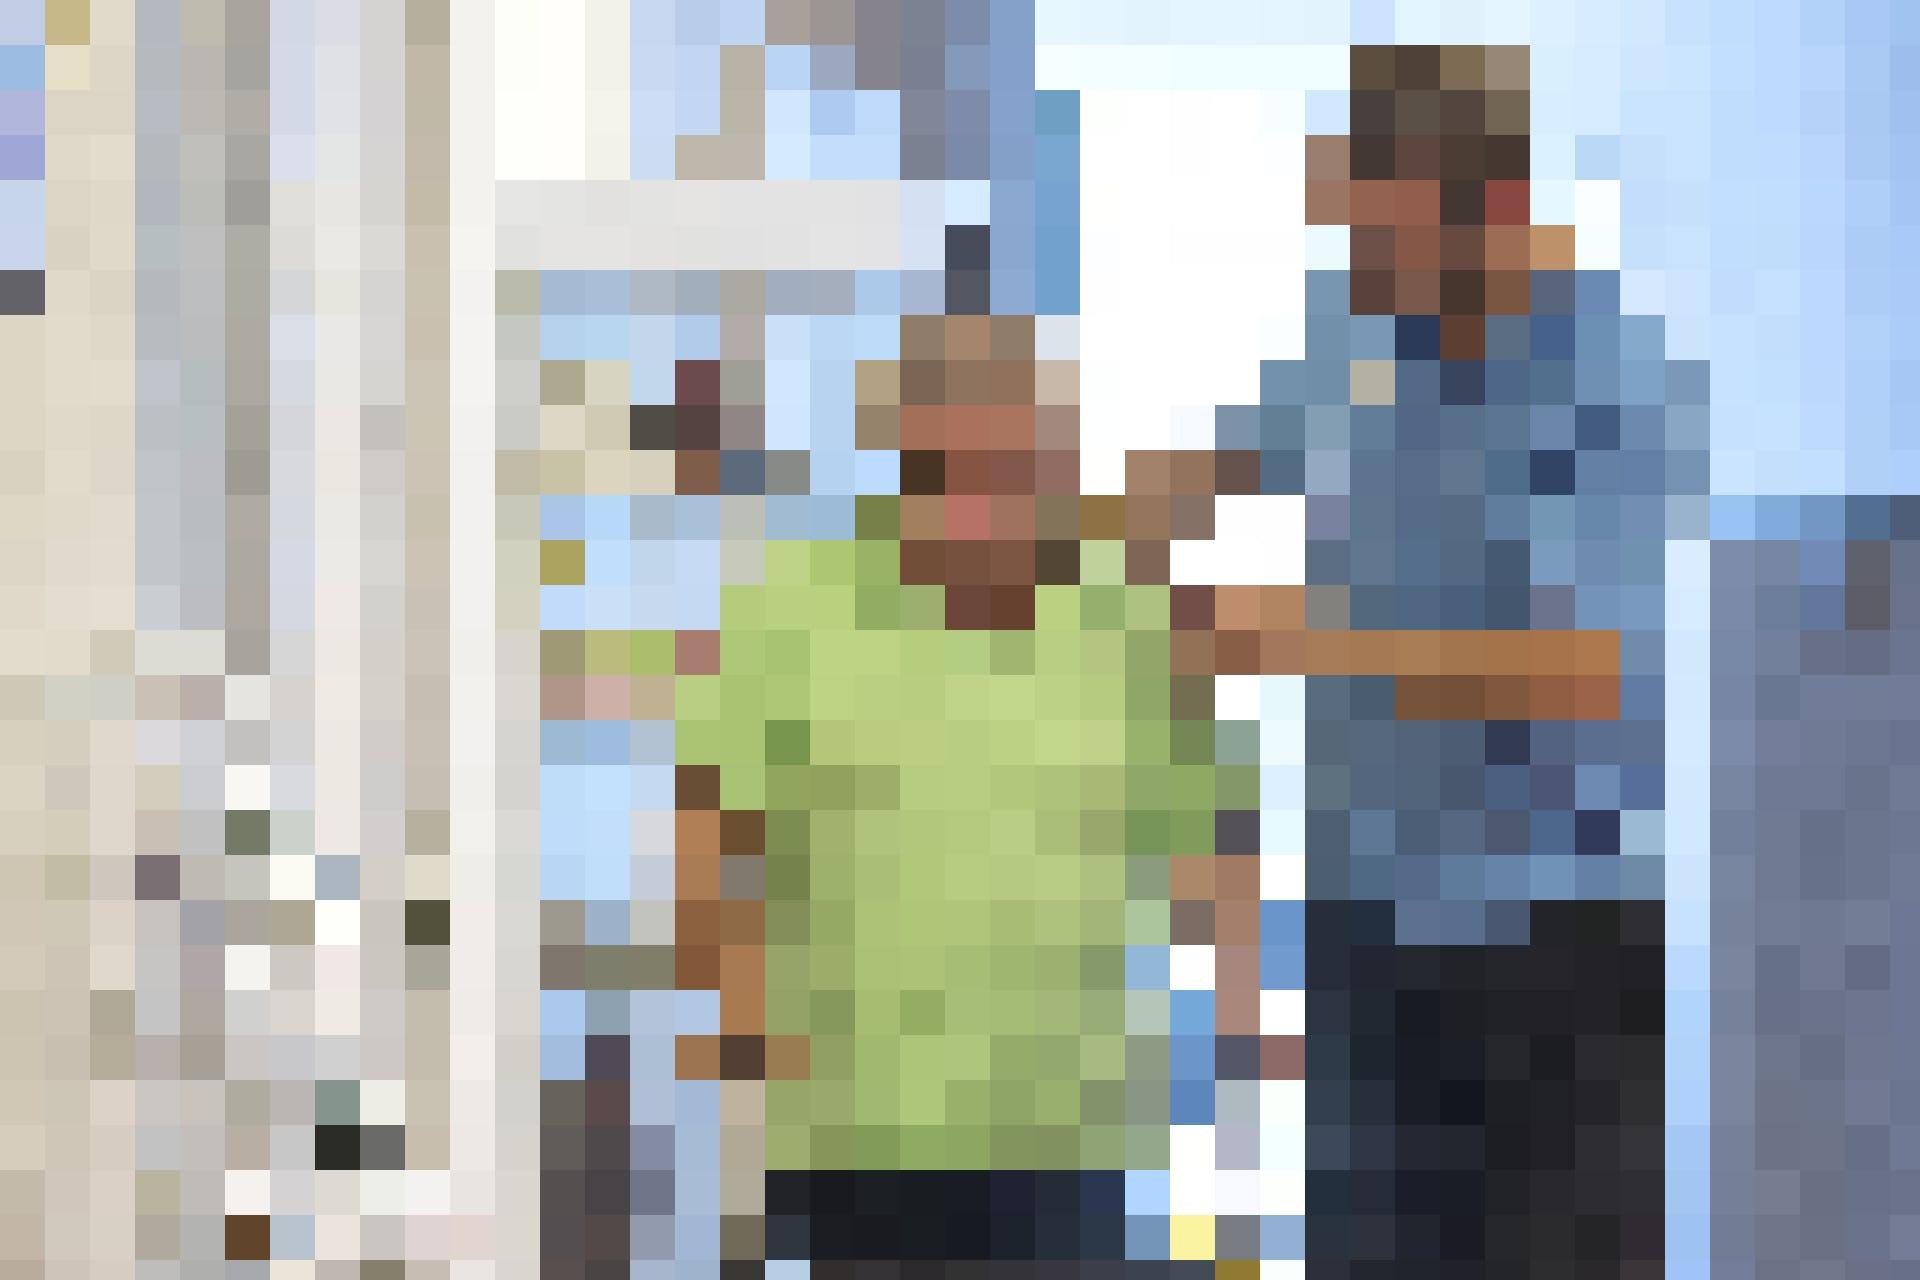 Die Kampagne «Karriere machen als Mensch» hat zum Ziel, dem drohenden Fachmangel an Pflegekräften entgegenzuwirken.